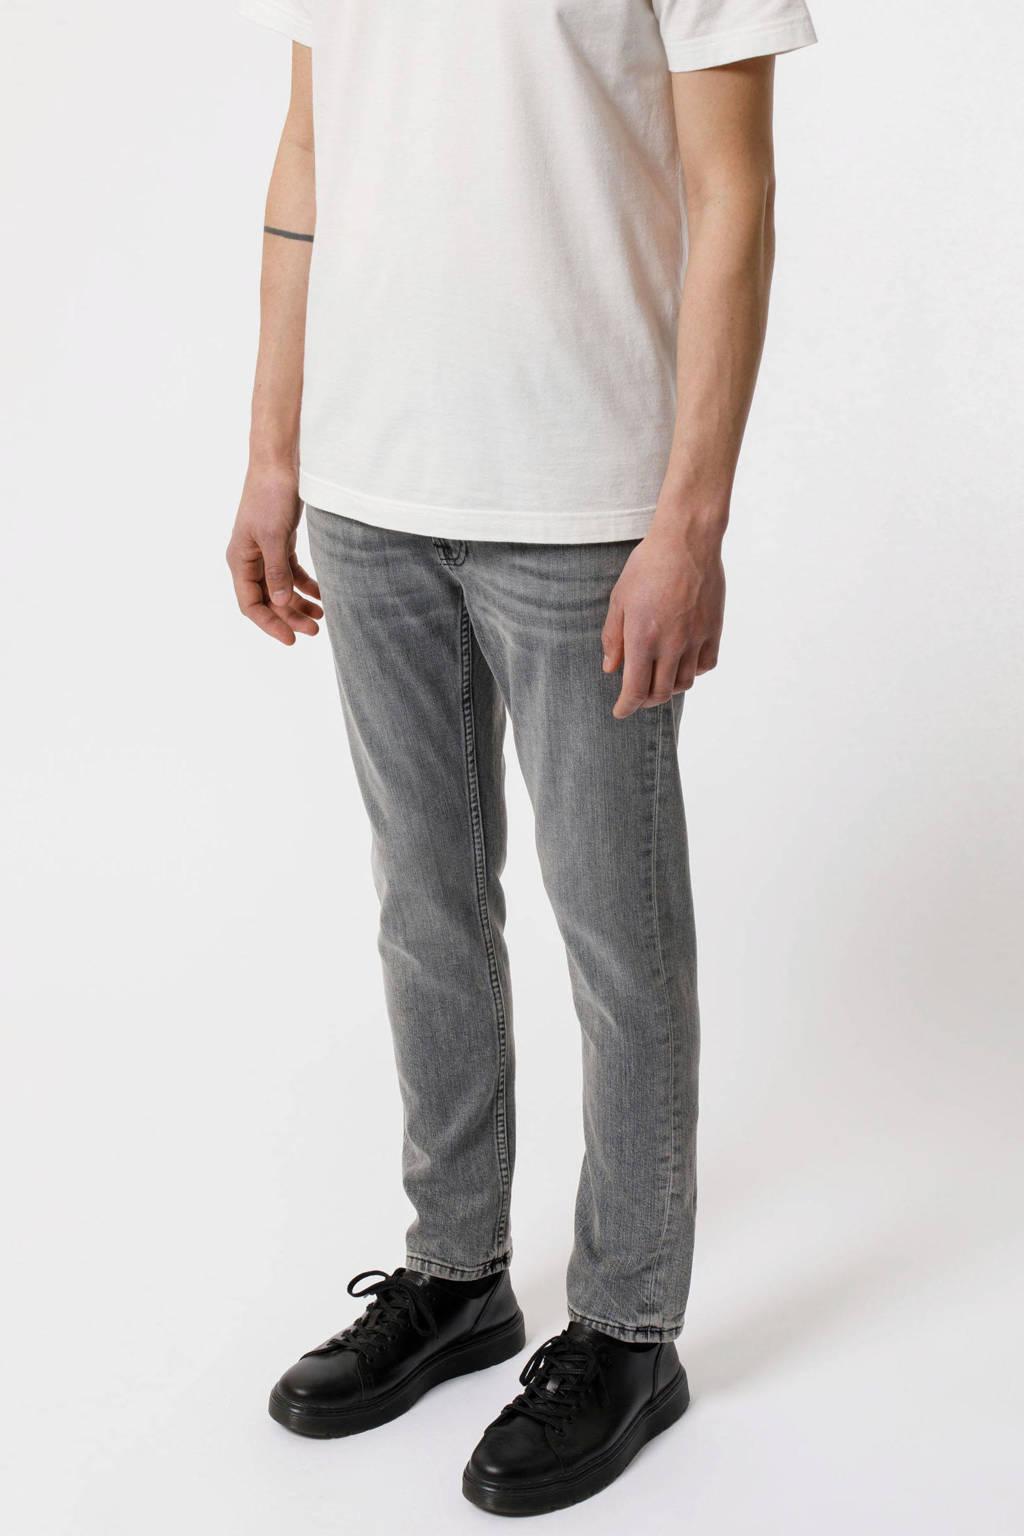 Nudie Jeans slim fit jeans Lean Dean Smooth Contrasts